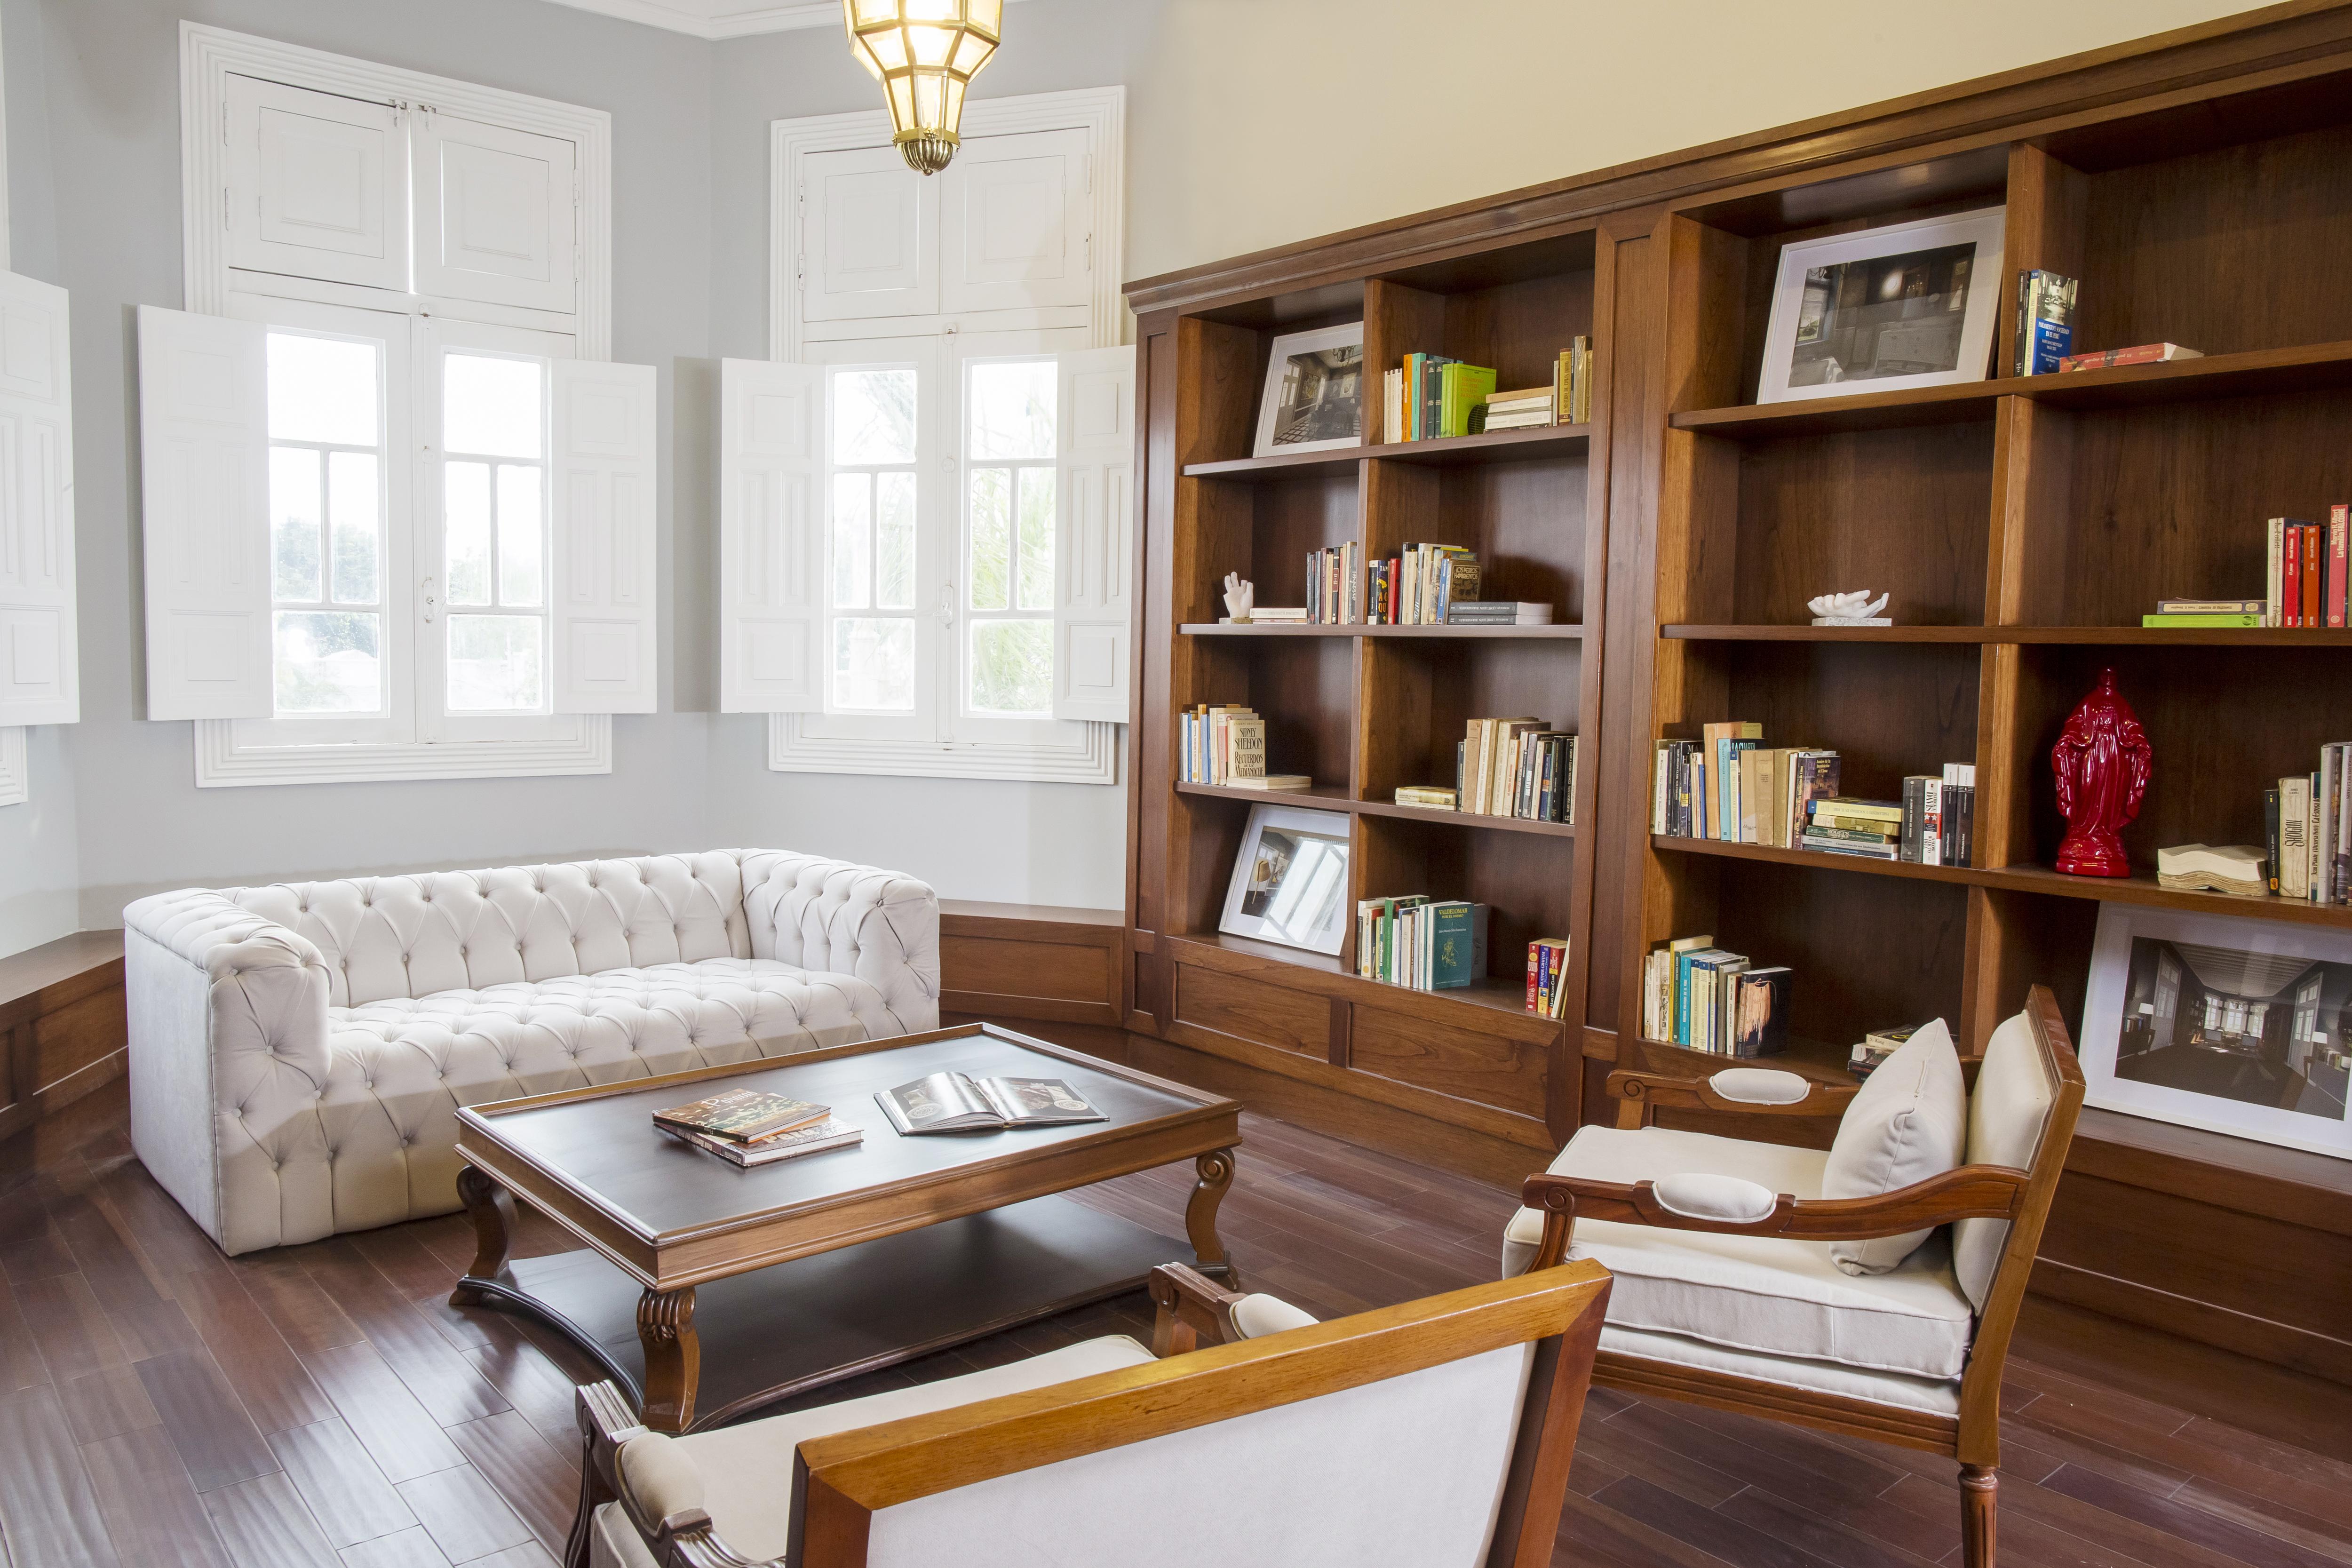 Casa Republica's Library